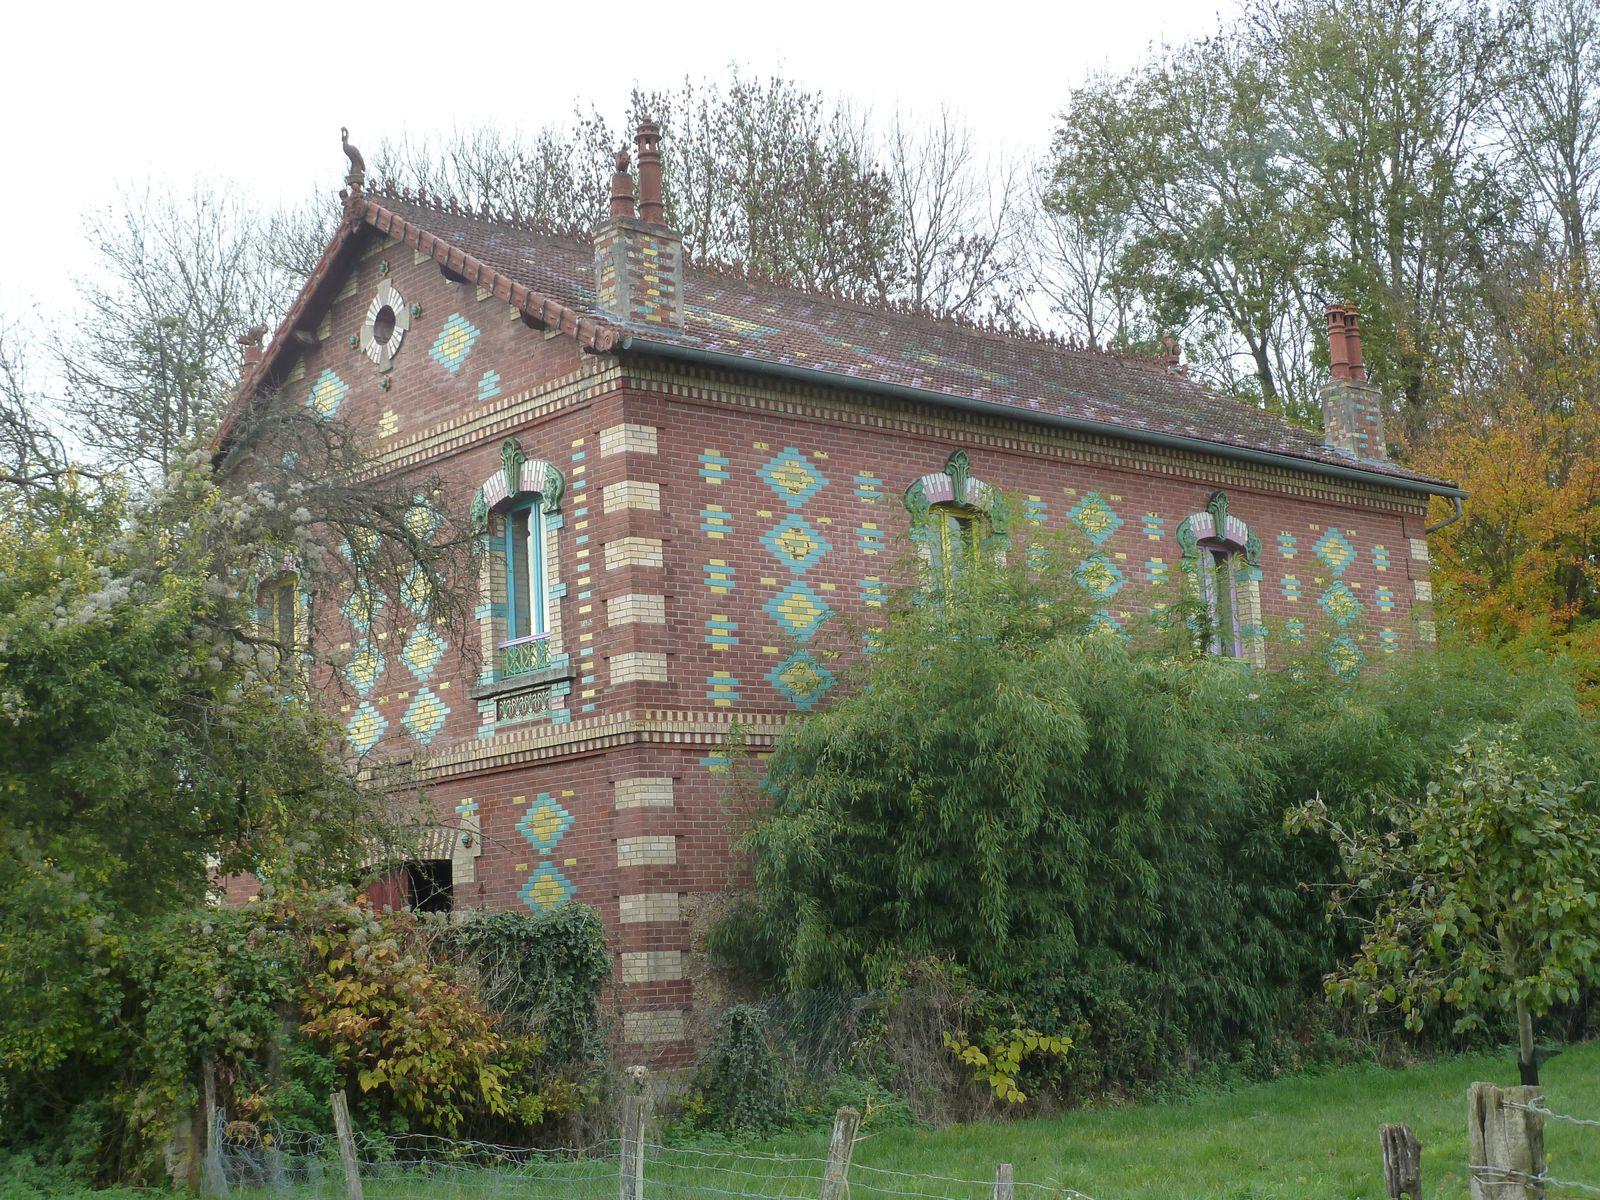 Jolie maison en briques colorées sur le bord de l'eau.